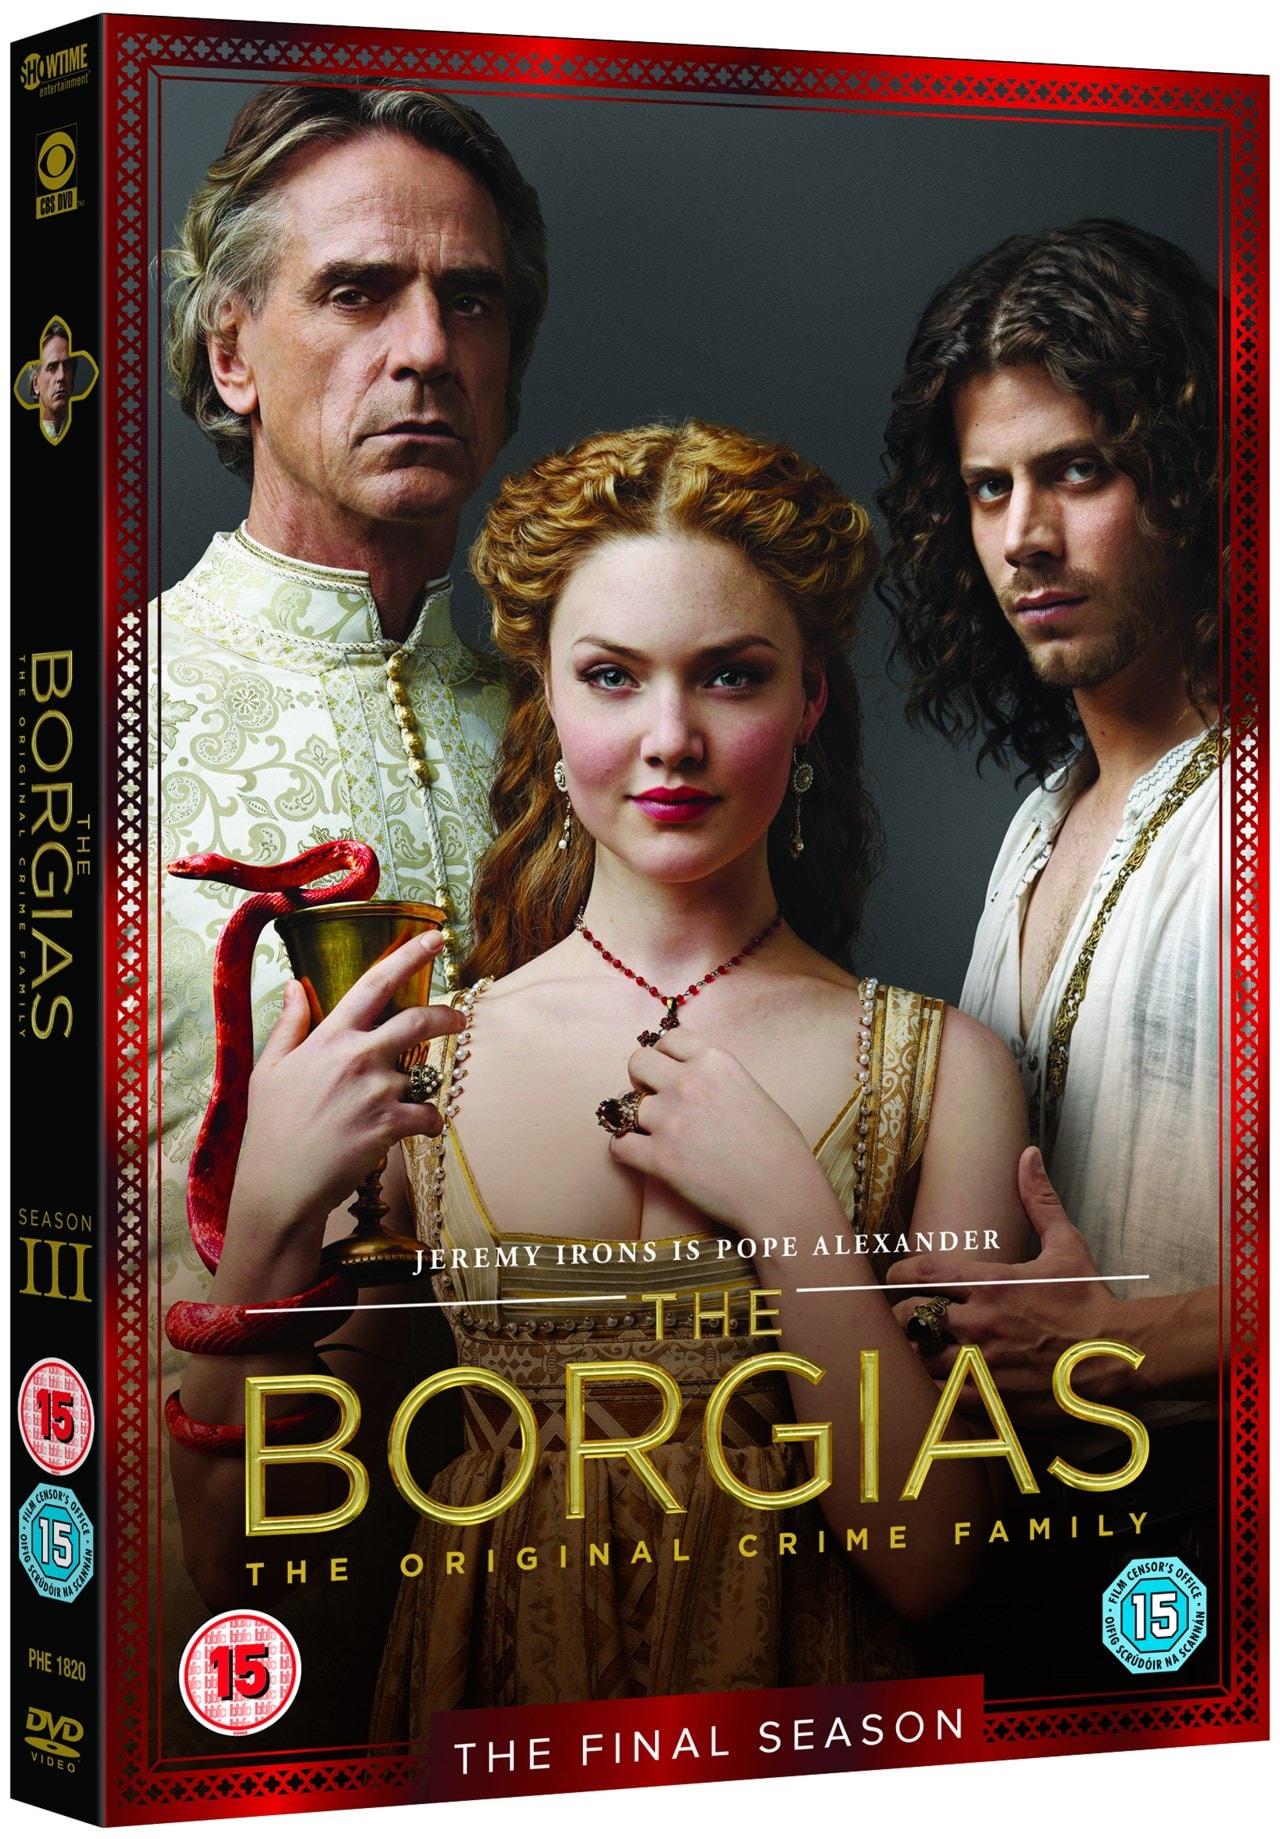 The Borgias: Season 3 - 2